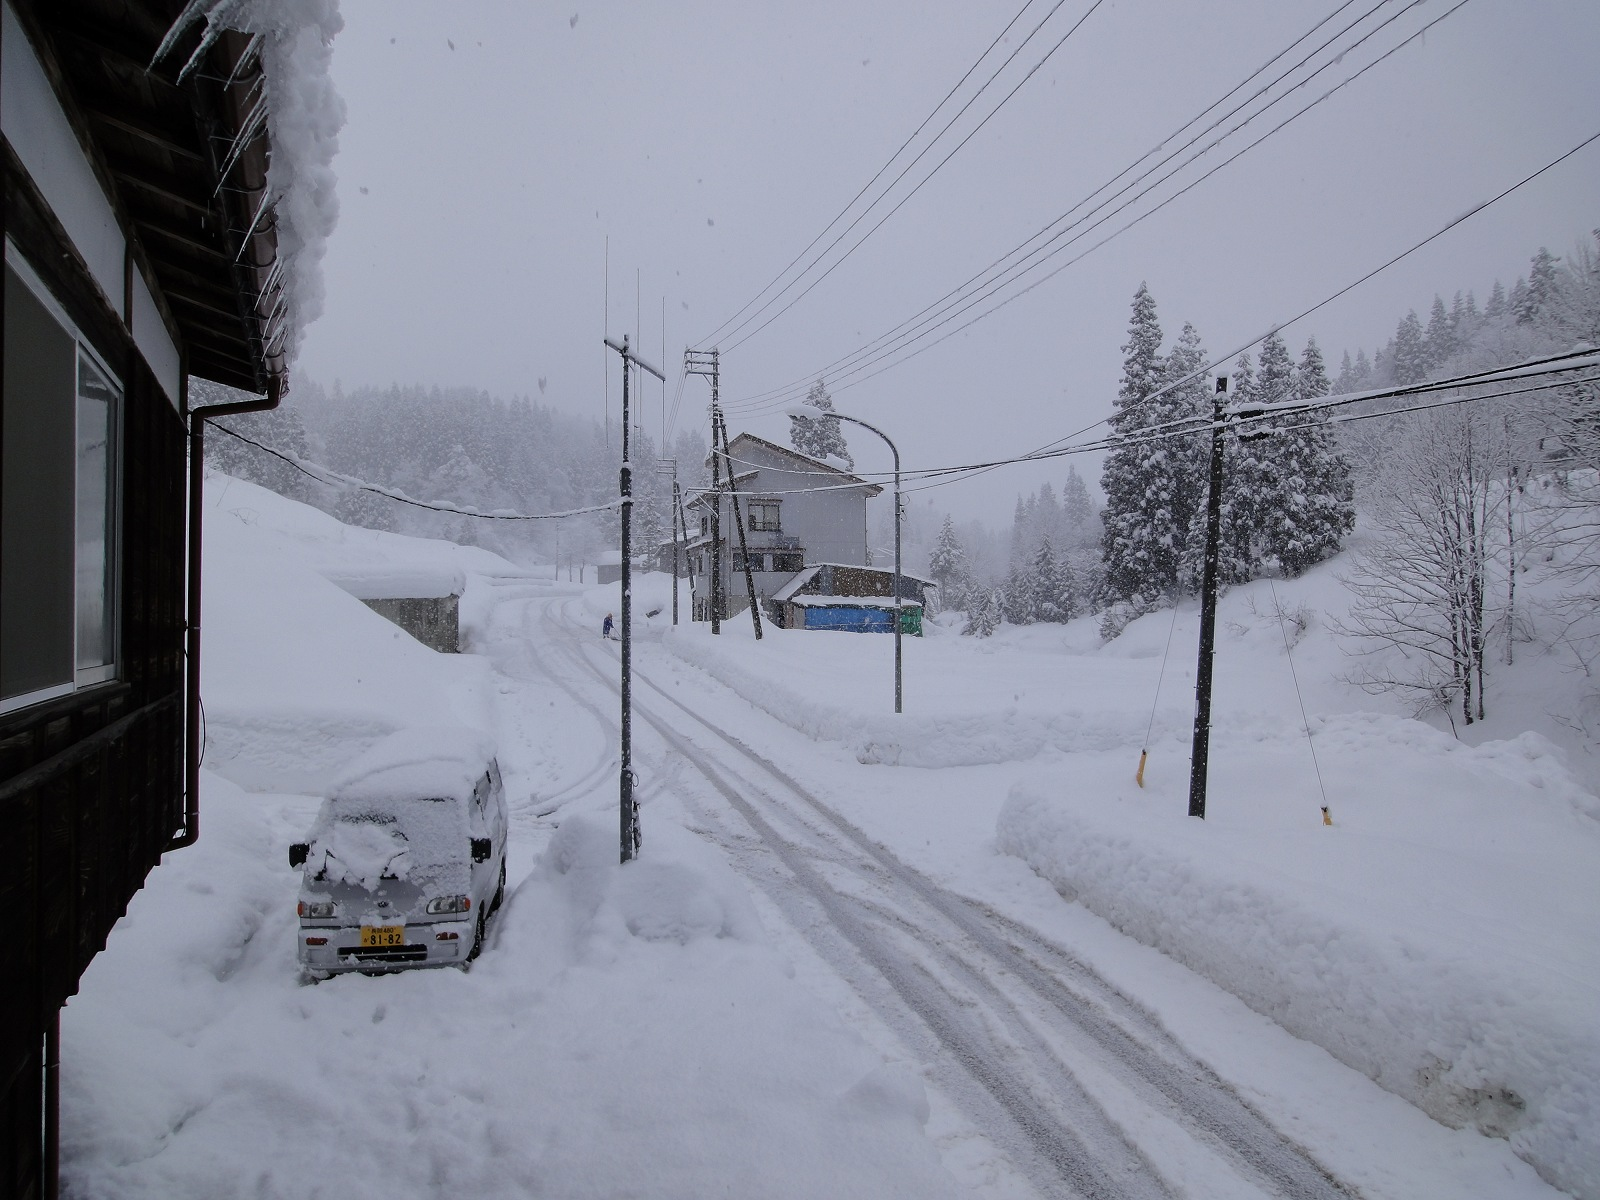 定點観測 - 真の日本一の豪雪地帯、松之山町からの雪ヲタによる実況と配信とか